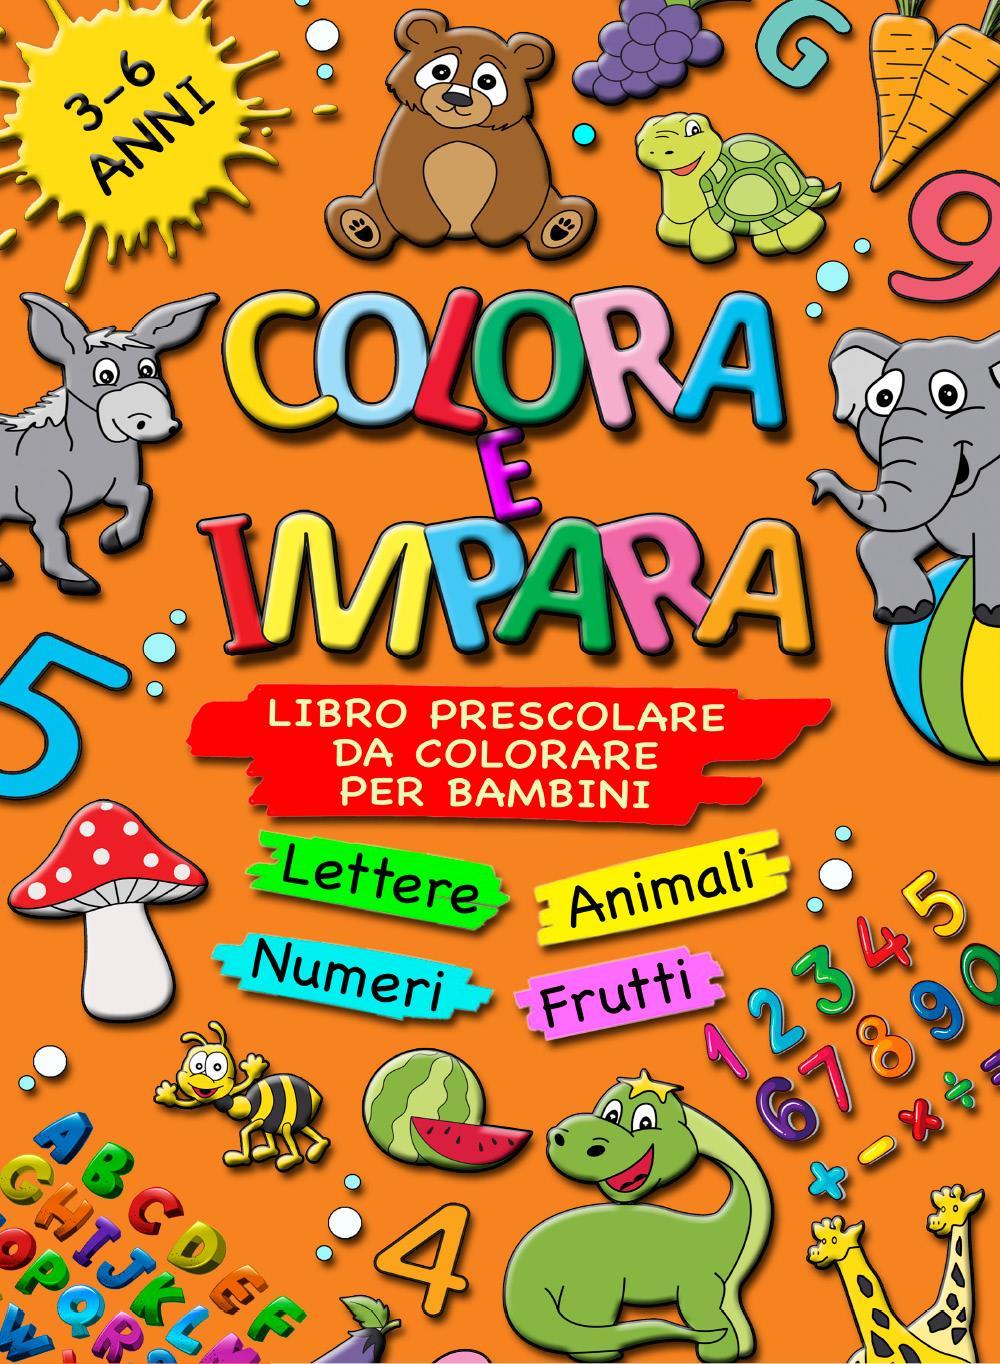 COLORA E IMPARA: Libro Prescolare da Colorare per Bambini 3-6 Anni - Lettere, Animali, Frutti, Numeri da 1 a 10, Alfabeto, Prescrittura, Prelettura, P